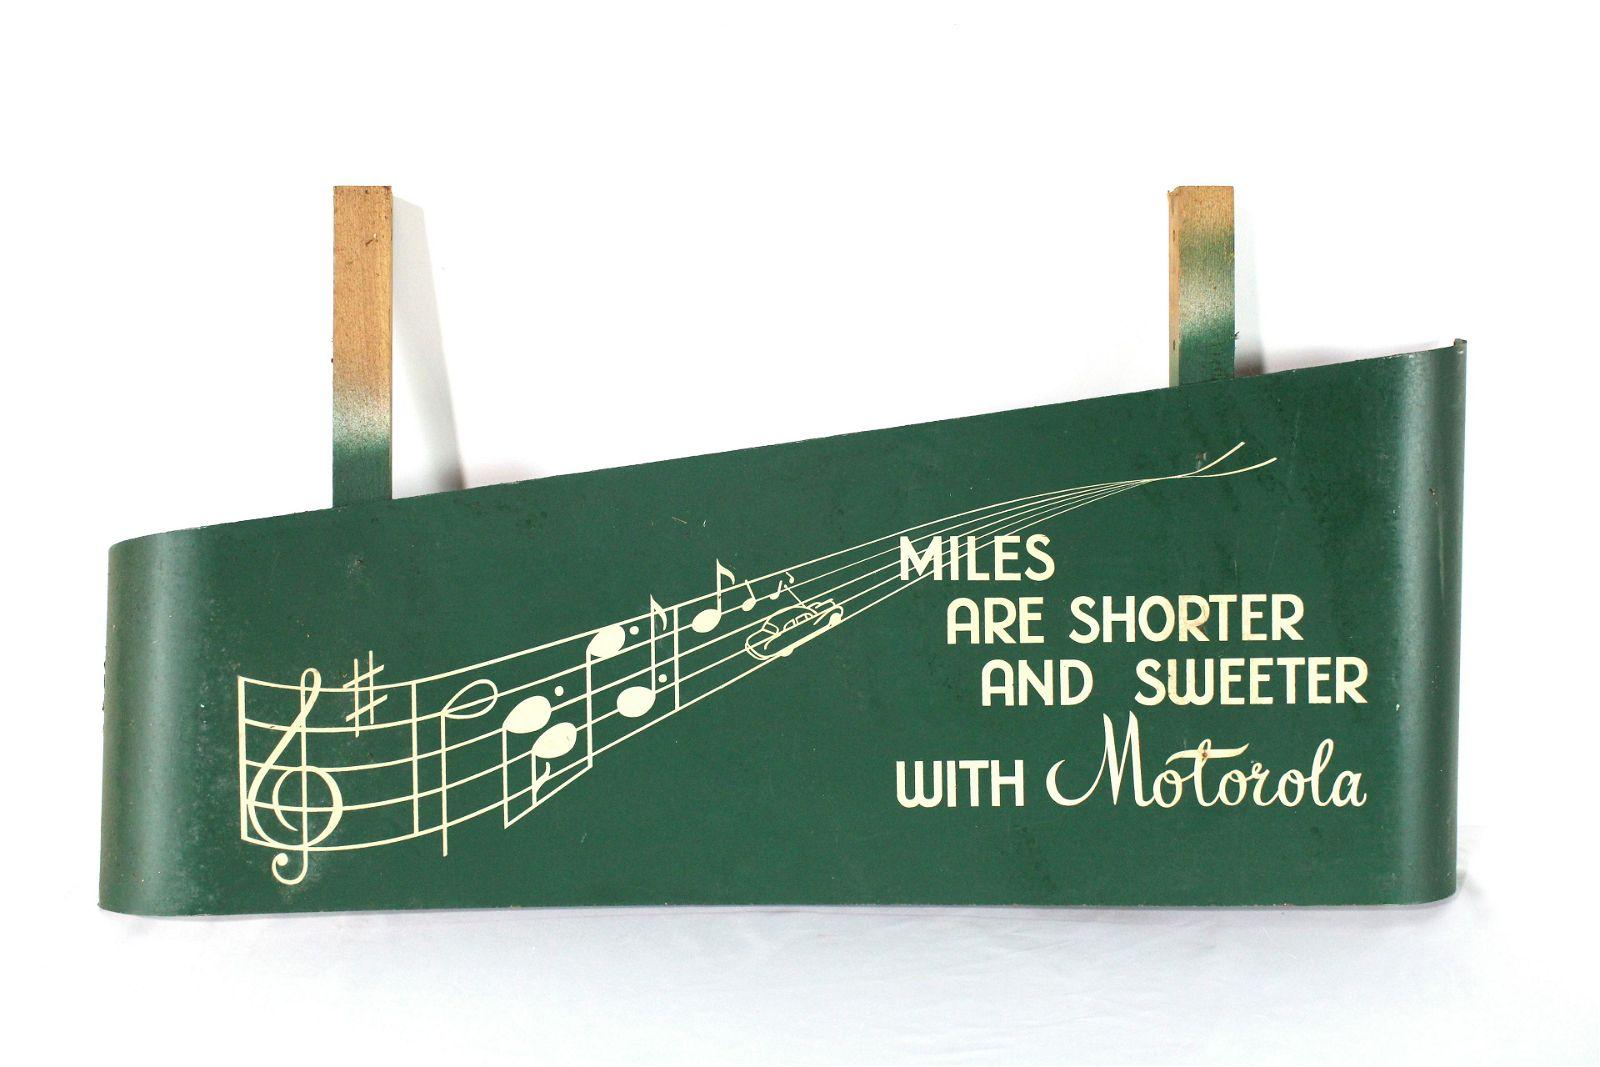 NOS Motorola Store Display Sign